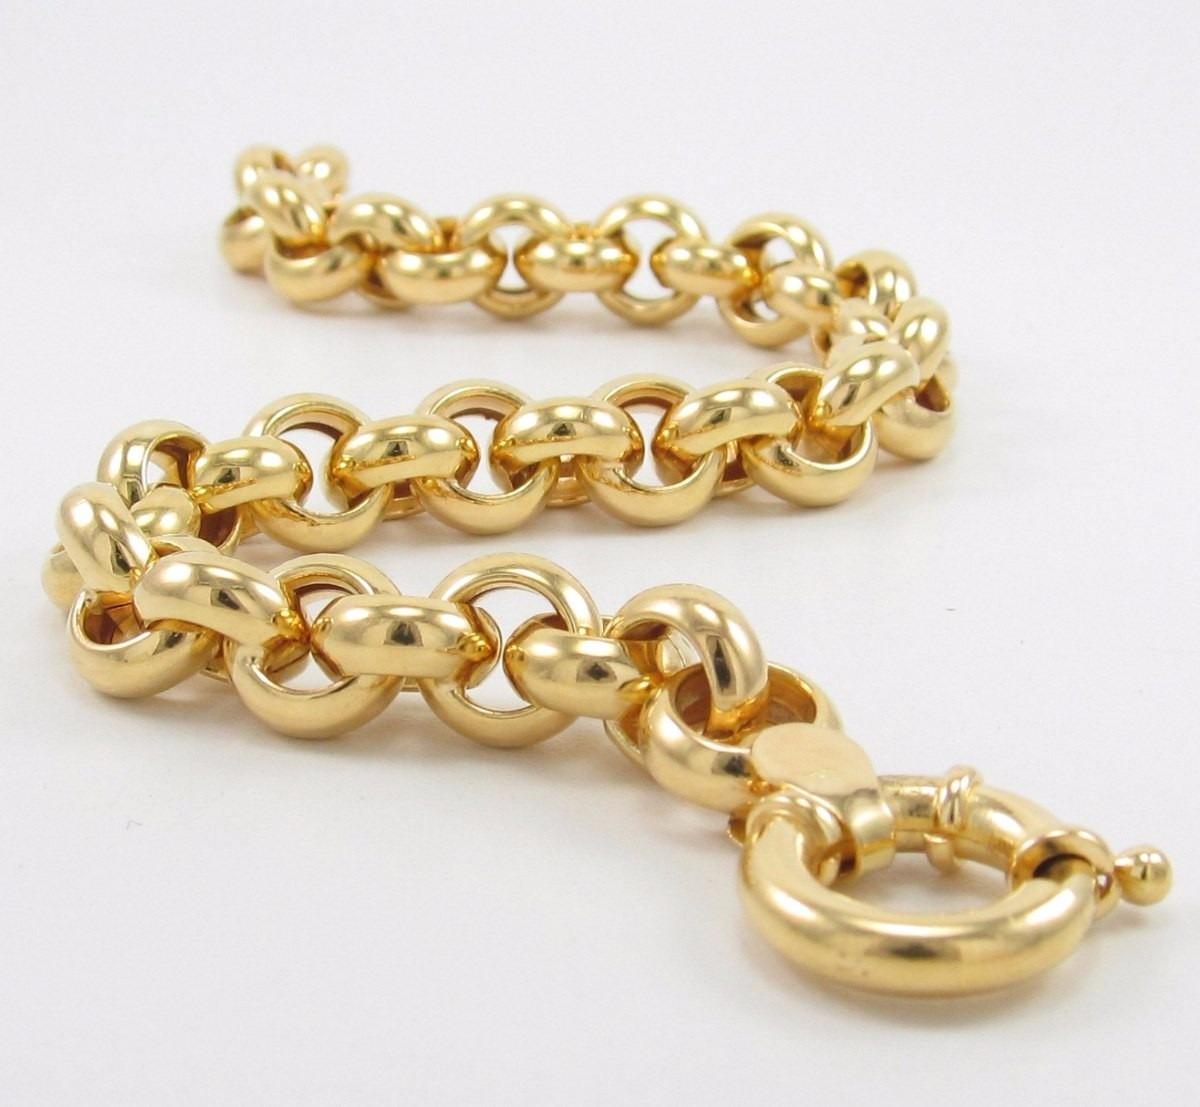 0c1a36d6bfb32 pulseira masculina grossa elo português em ouro 18k-750. Carregando zoom.